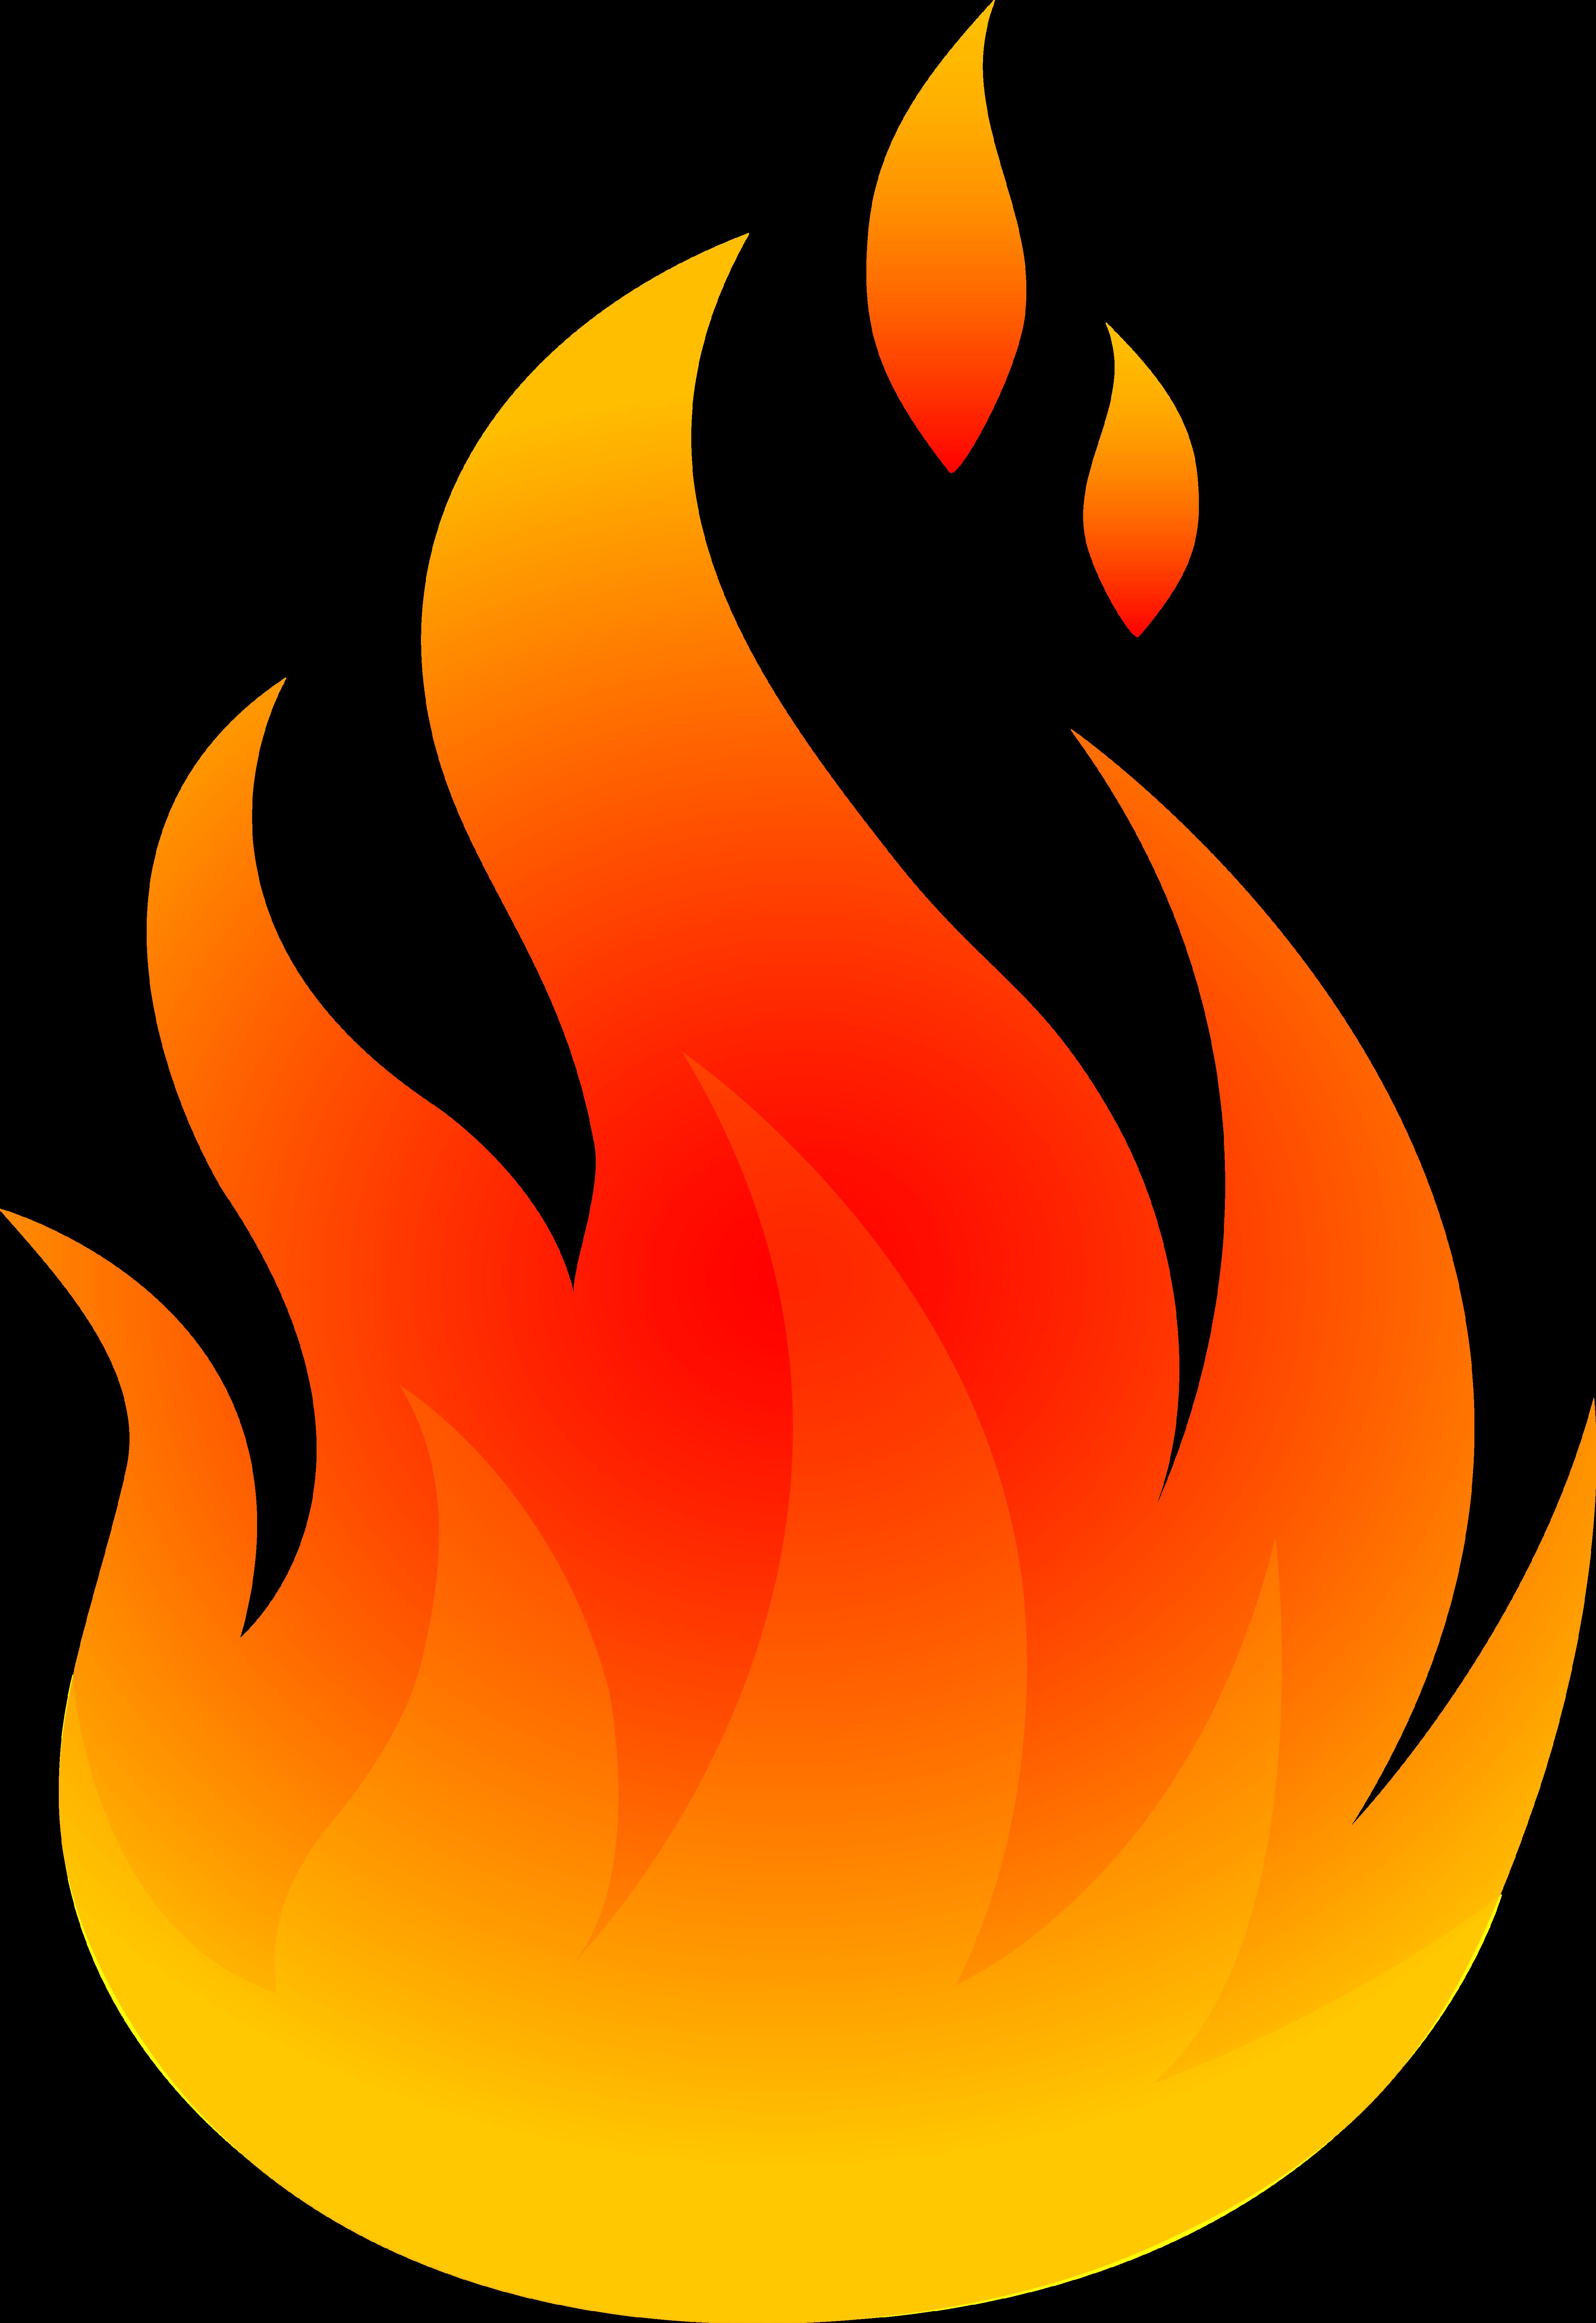 Clip Art Flames Clipart.